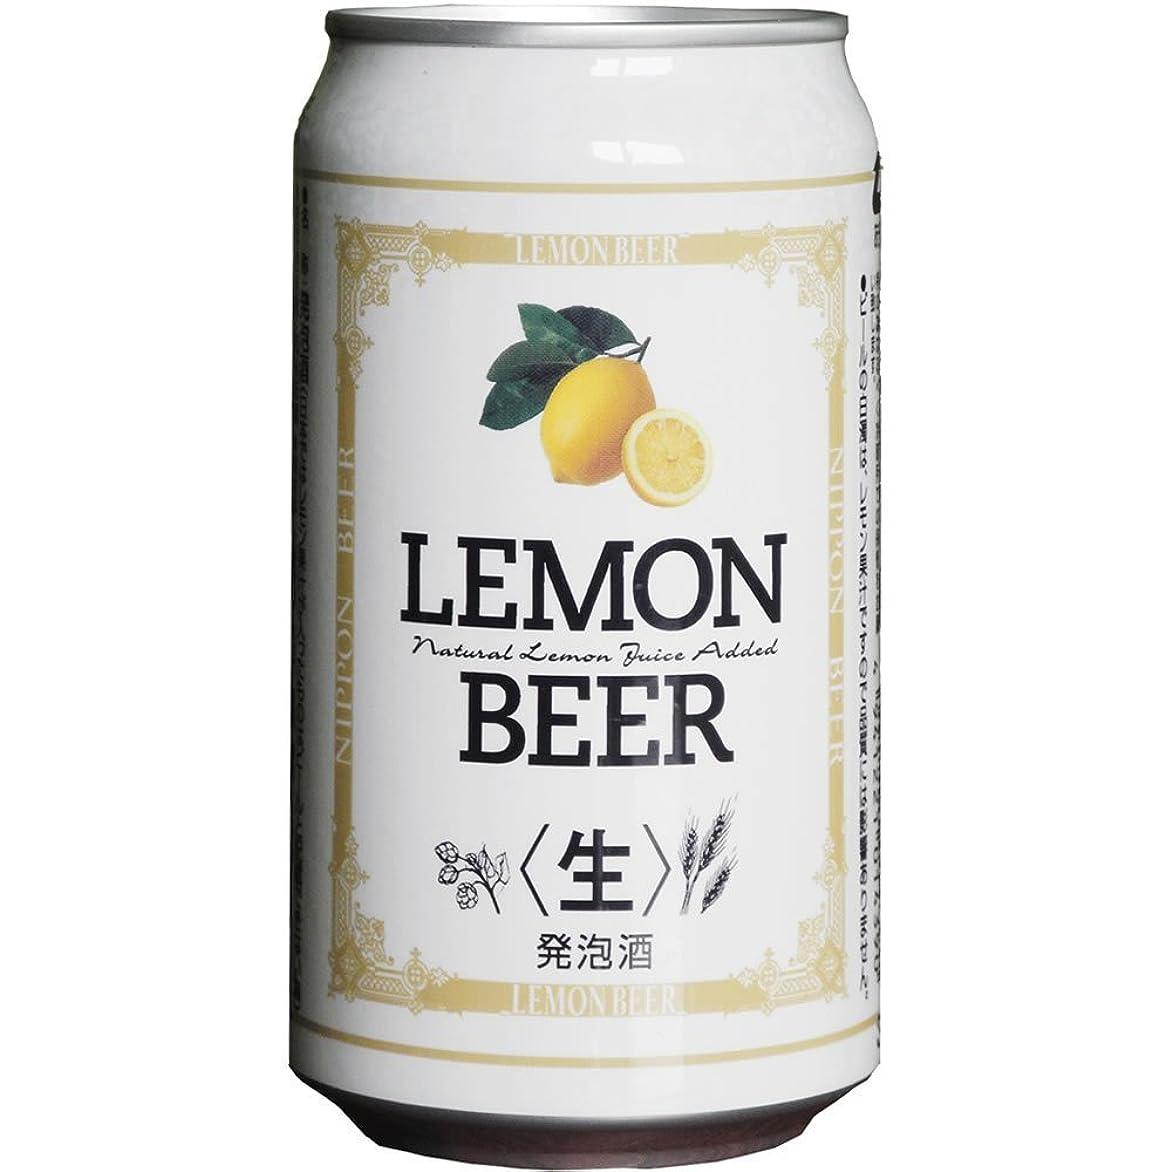 金曜日コスト無駄なレモンビール 缶ビール 350ml×6缶 [国産]